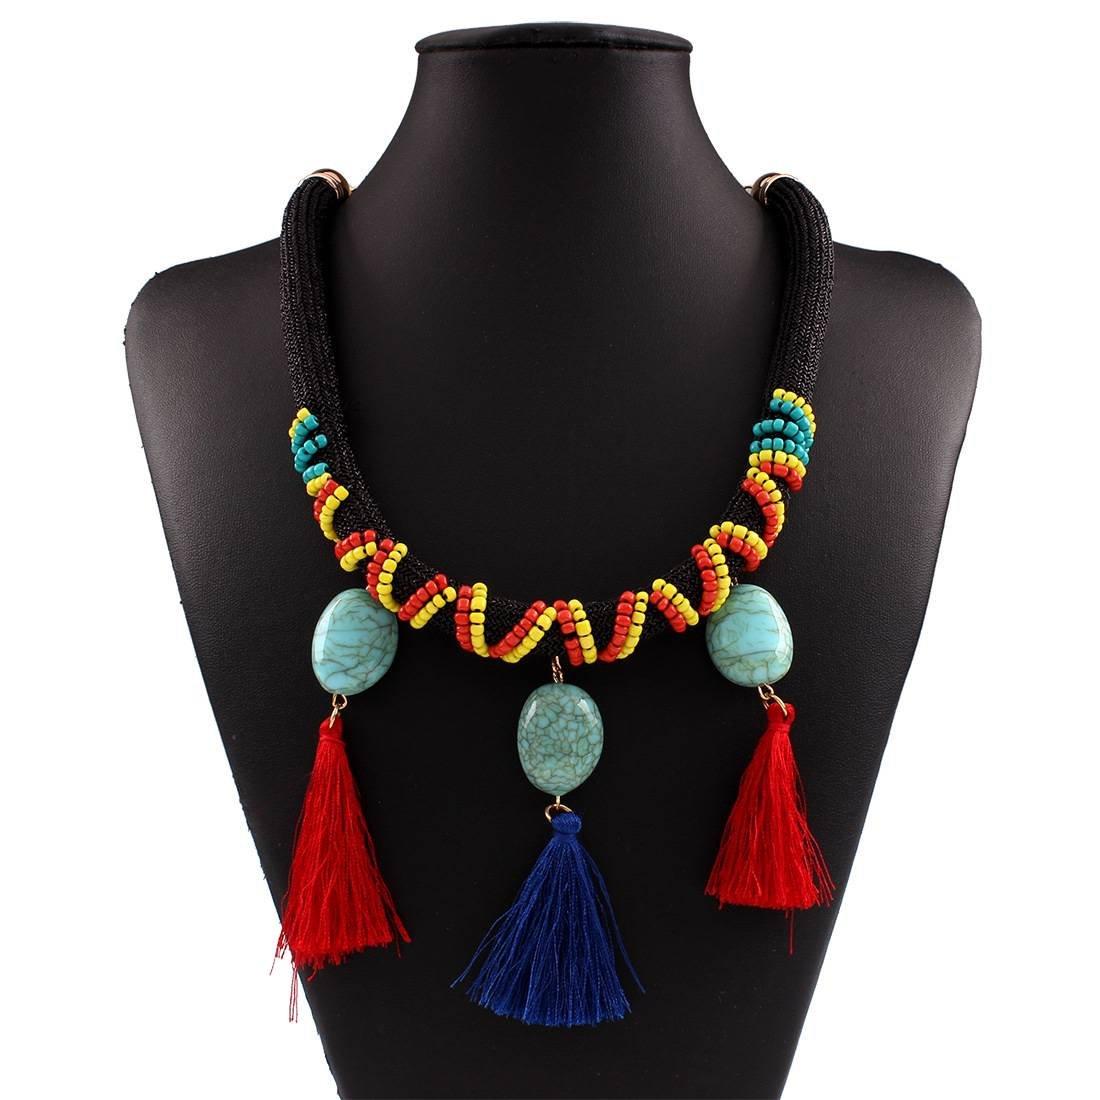 Moda Hipoalergénica Bohemia Étnica Cuerda Tejida a Mano con Cuentas de Borla Collar de la Joyería Accesorios , Como se muestra